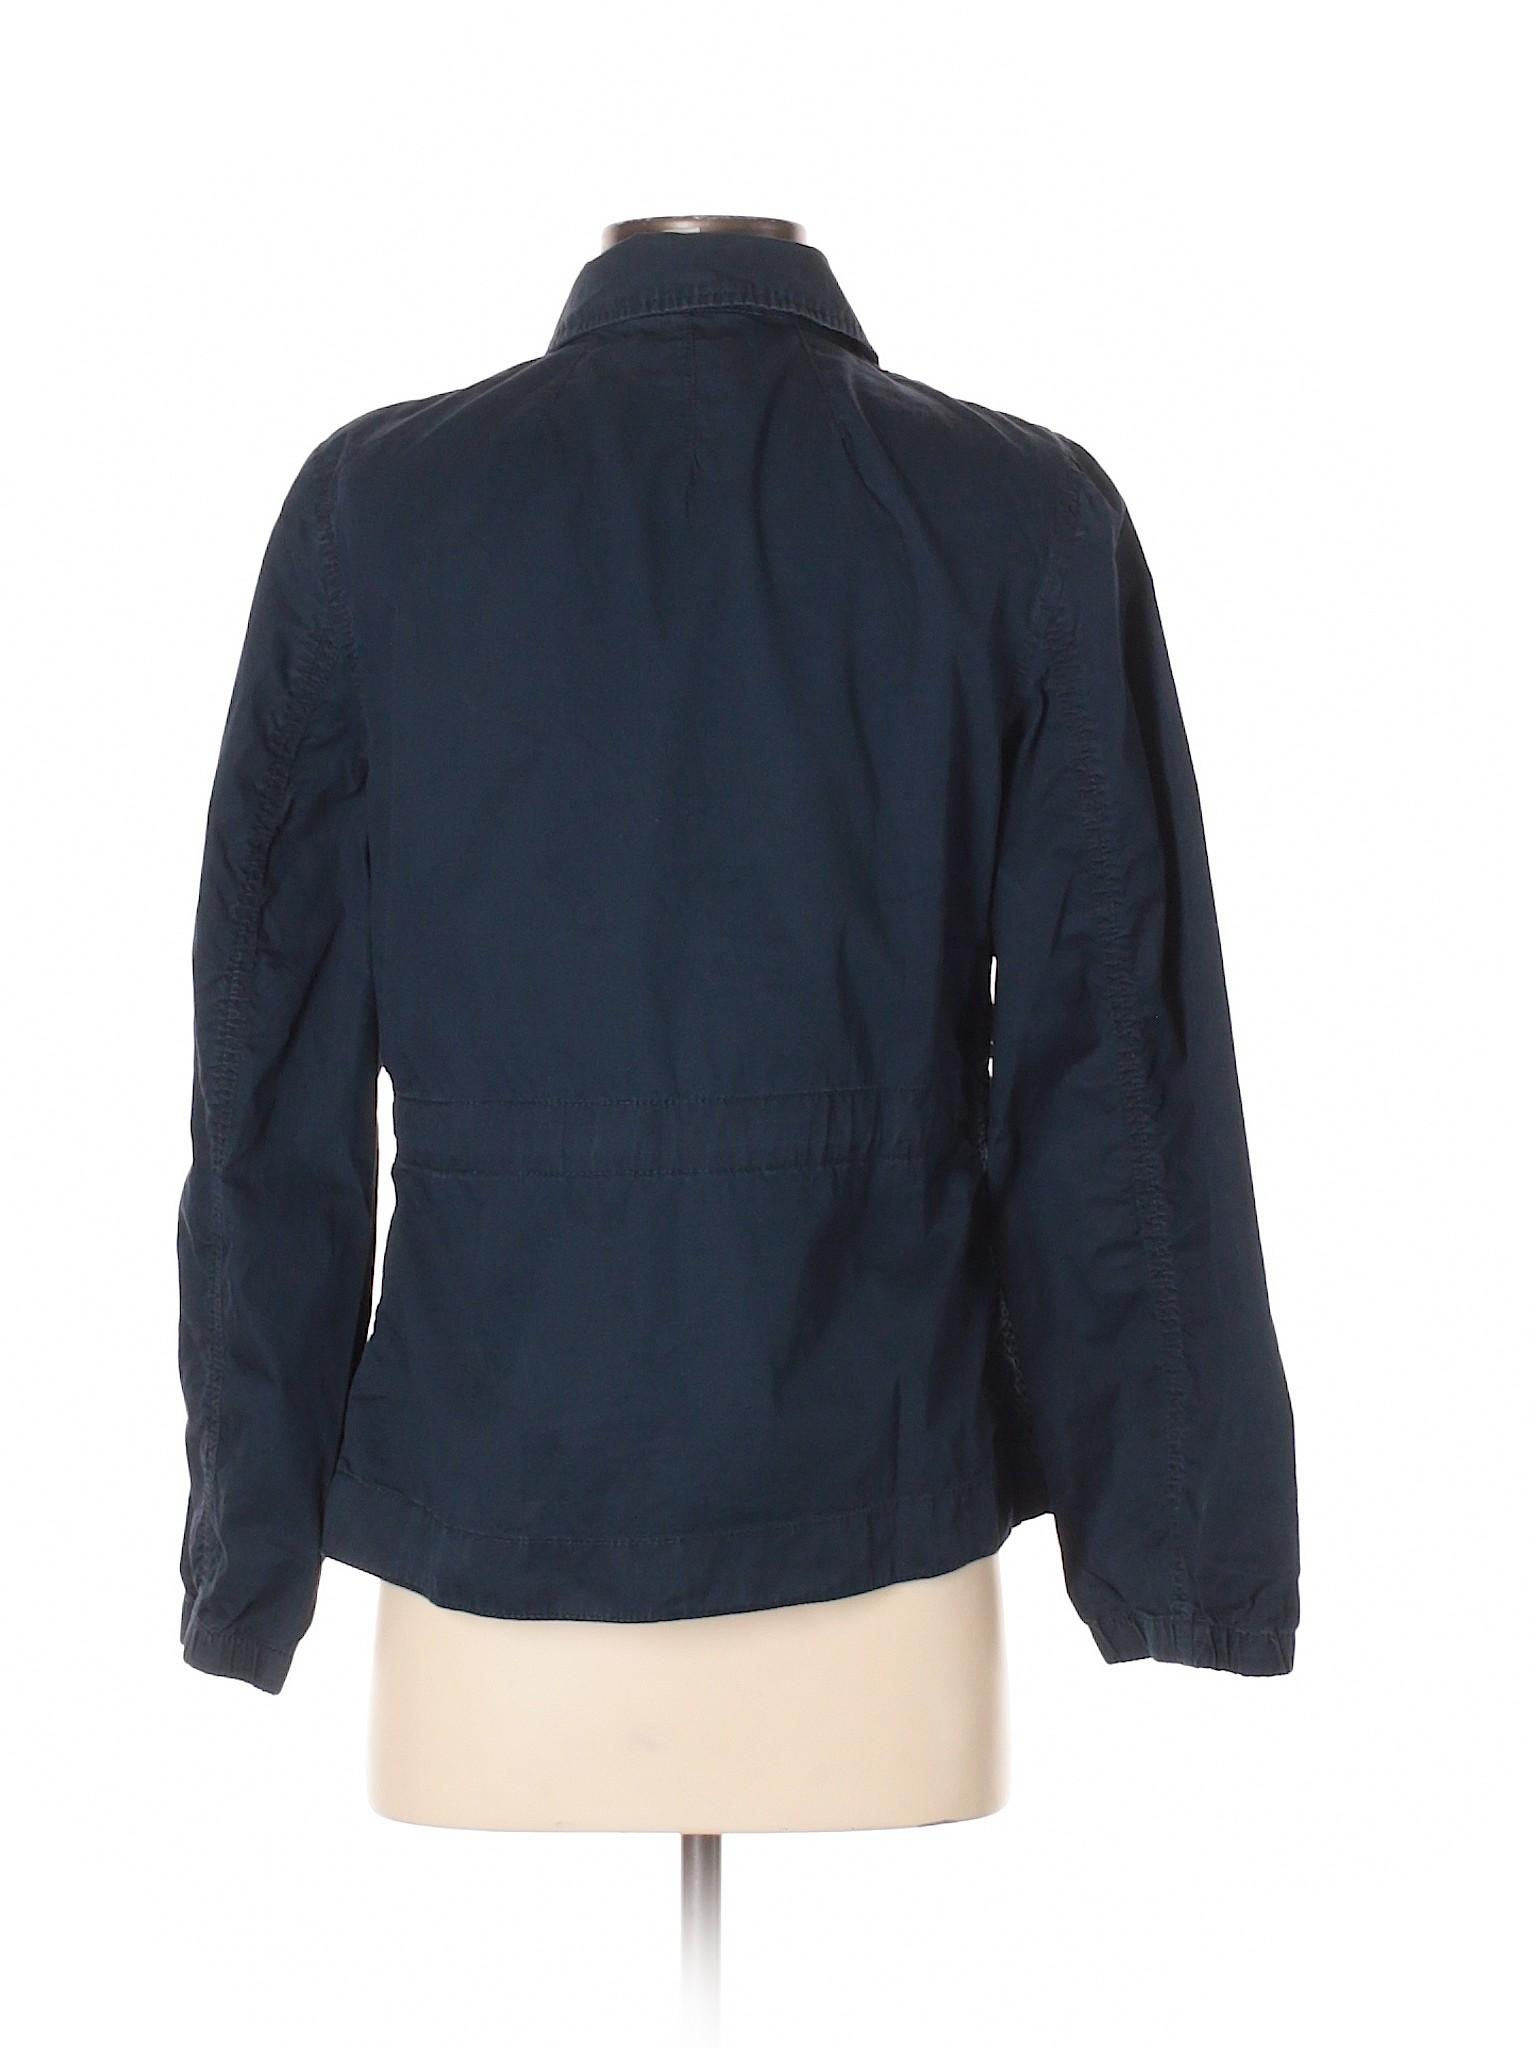 Leisure Leisure Jacket winter Talbots winter BzrpBn5qTw